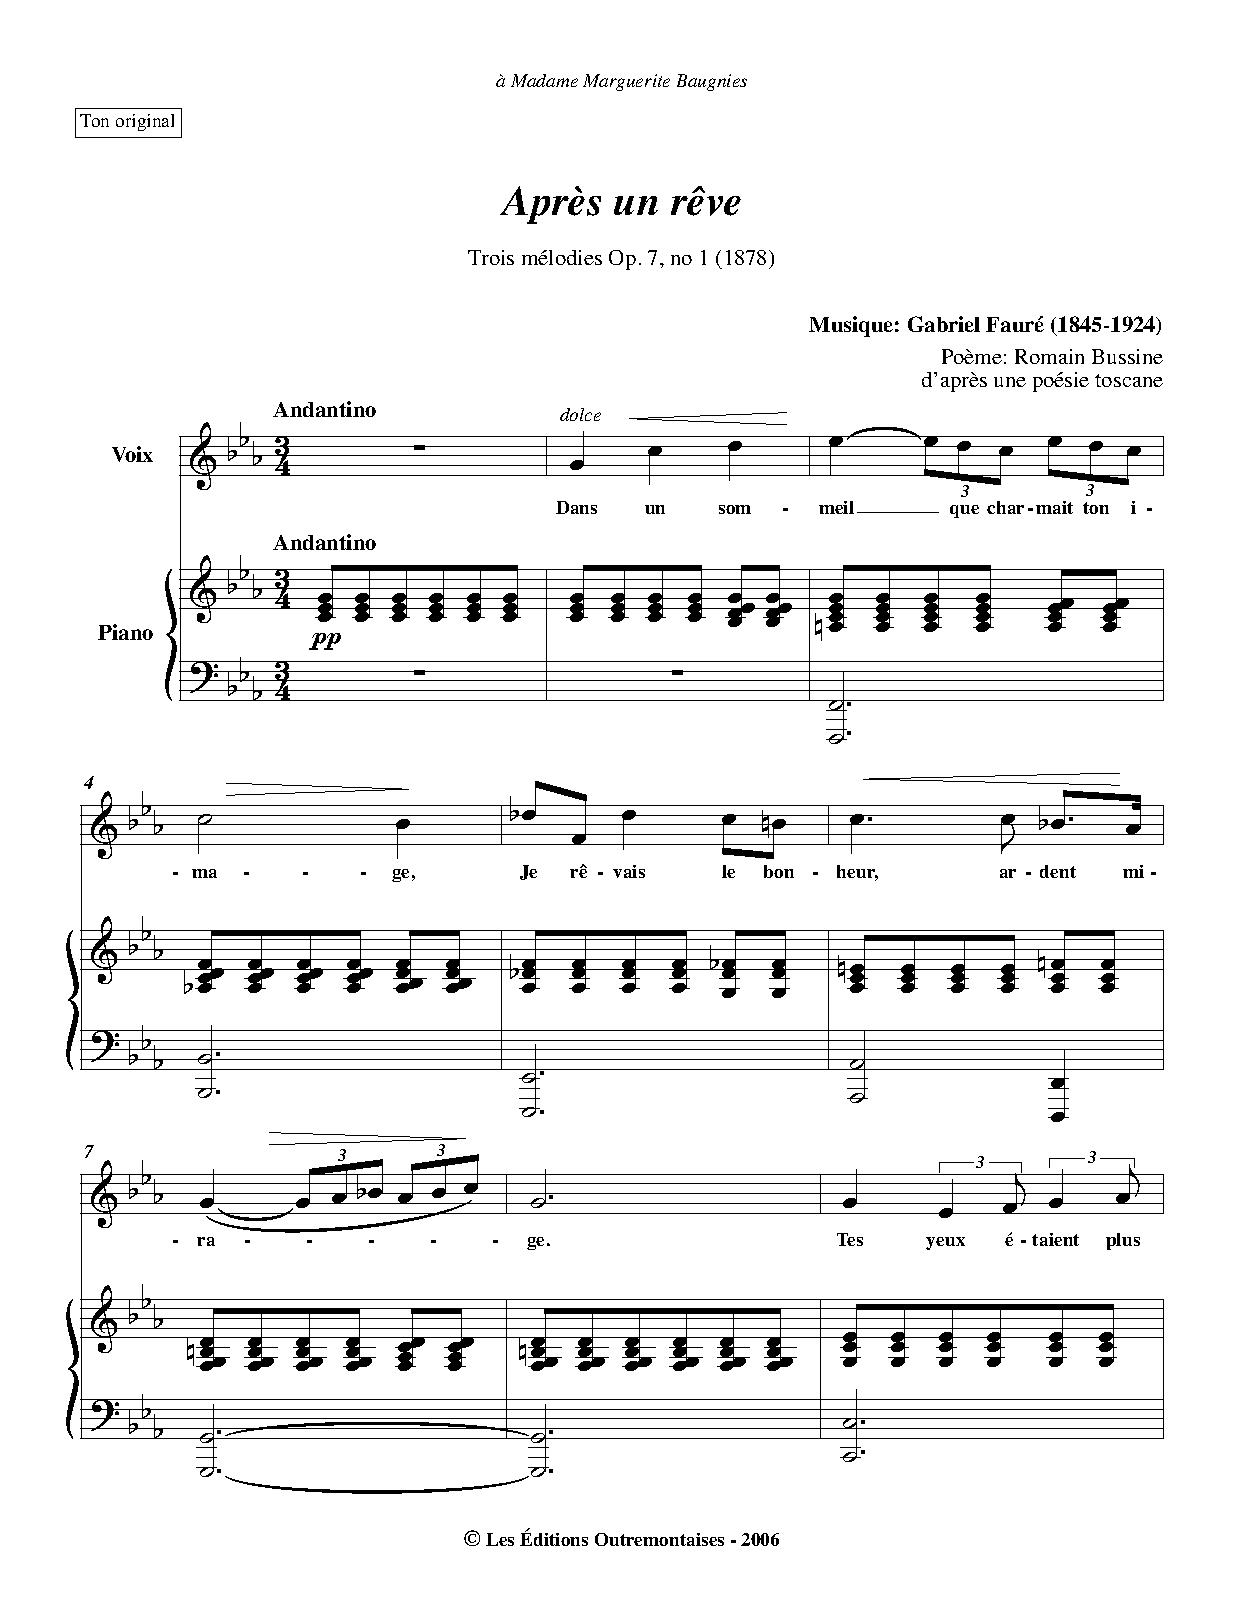 Exceptionnel 3 Songs, Op.7 (Fauré, Gabriel) - IMSLP/Petrucci Music Library  LK49